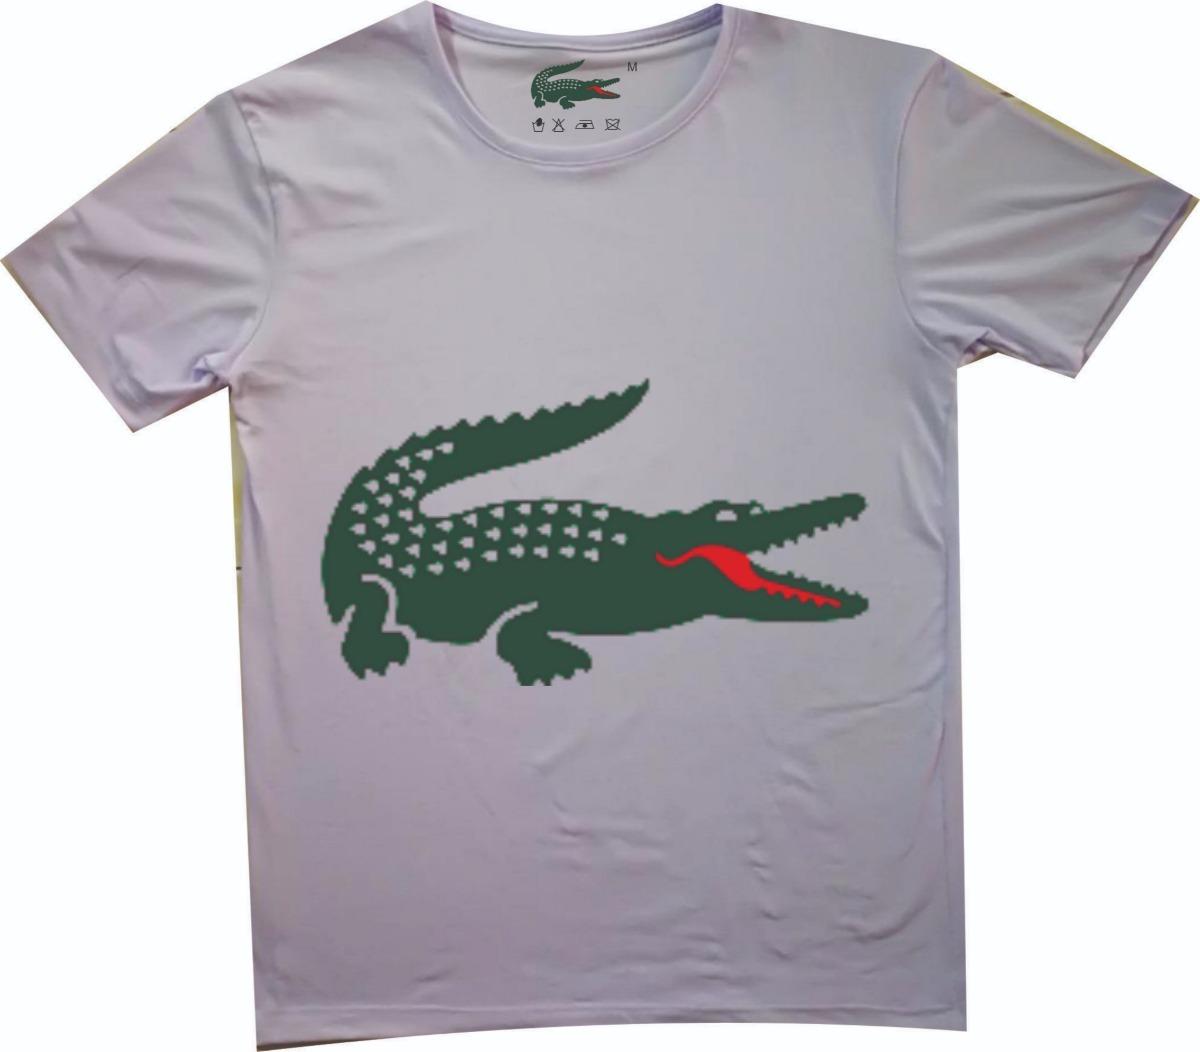 Camisetas Marcas De Hombre -   45.000 en Mercado Libre ee5e0a2ada2